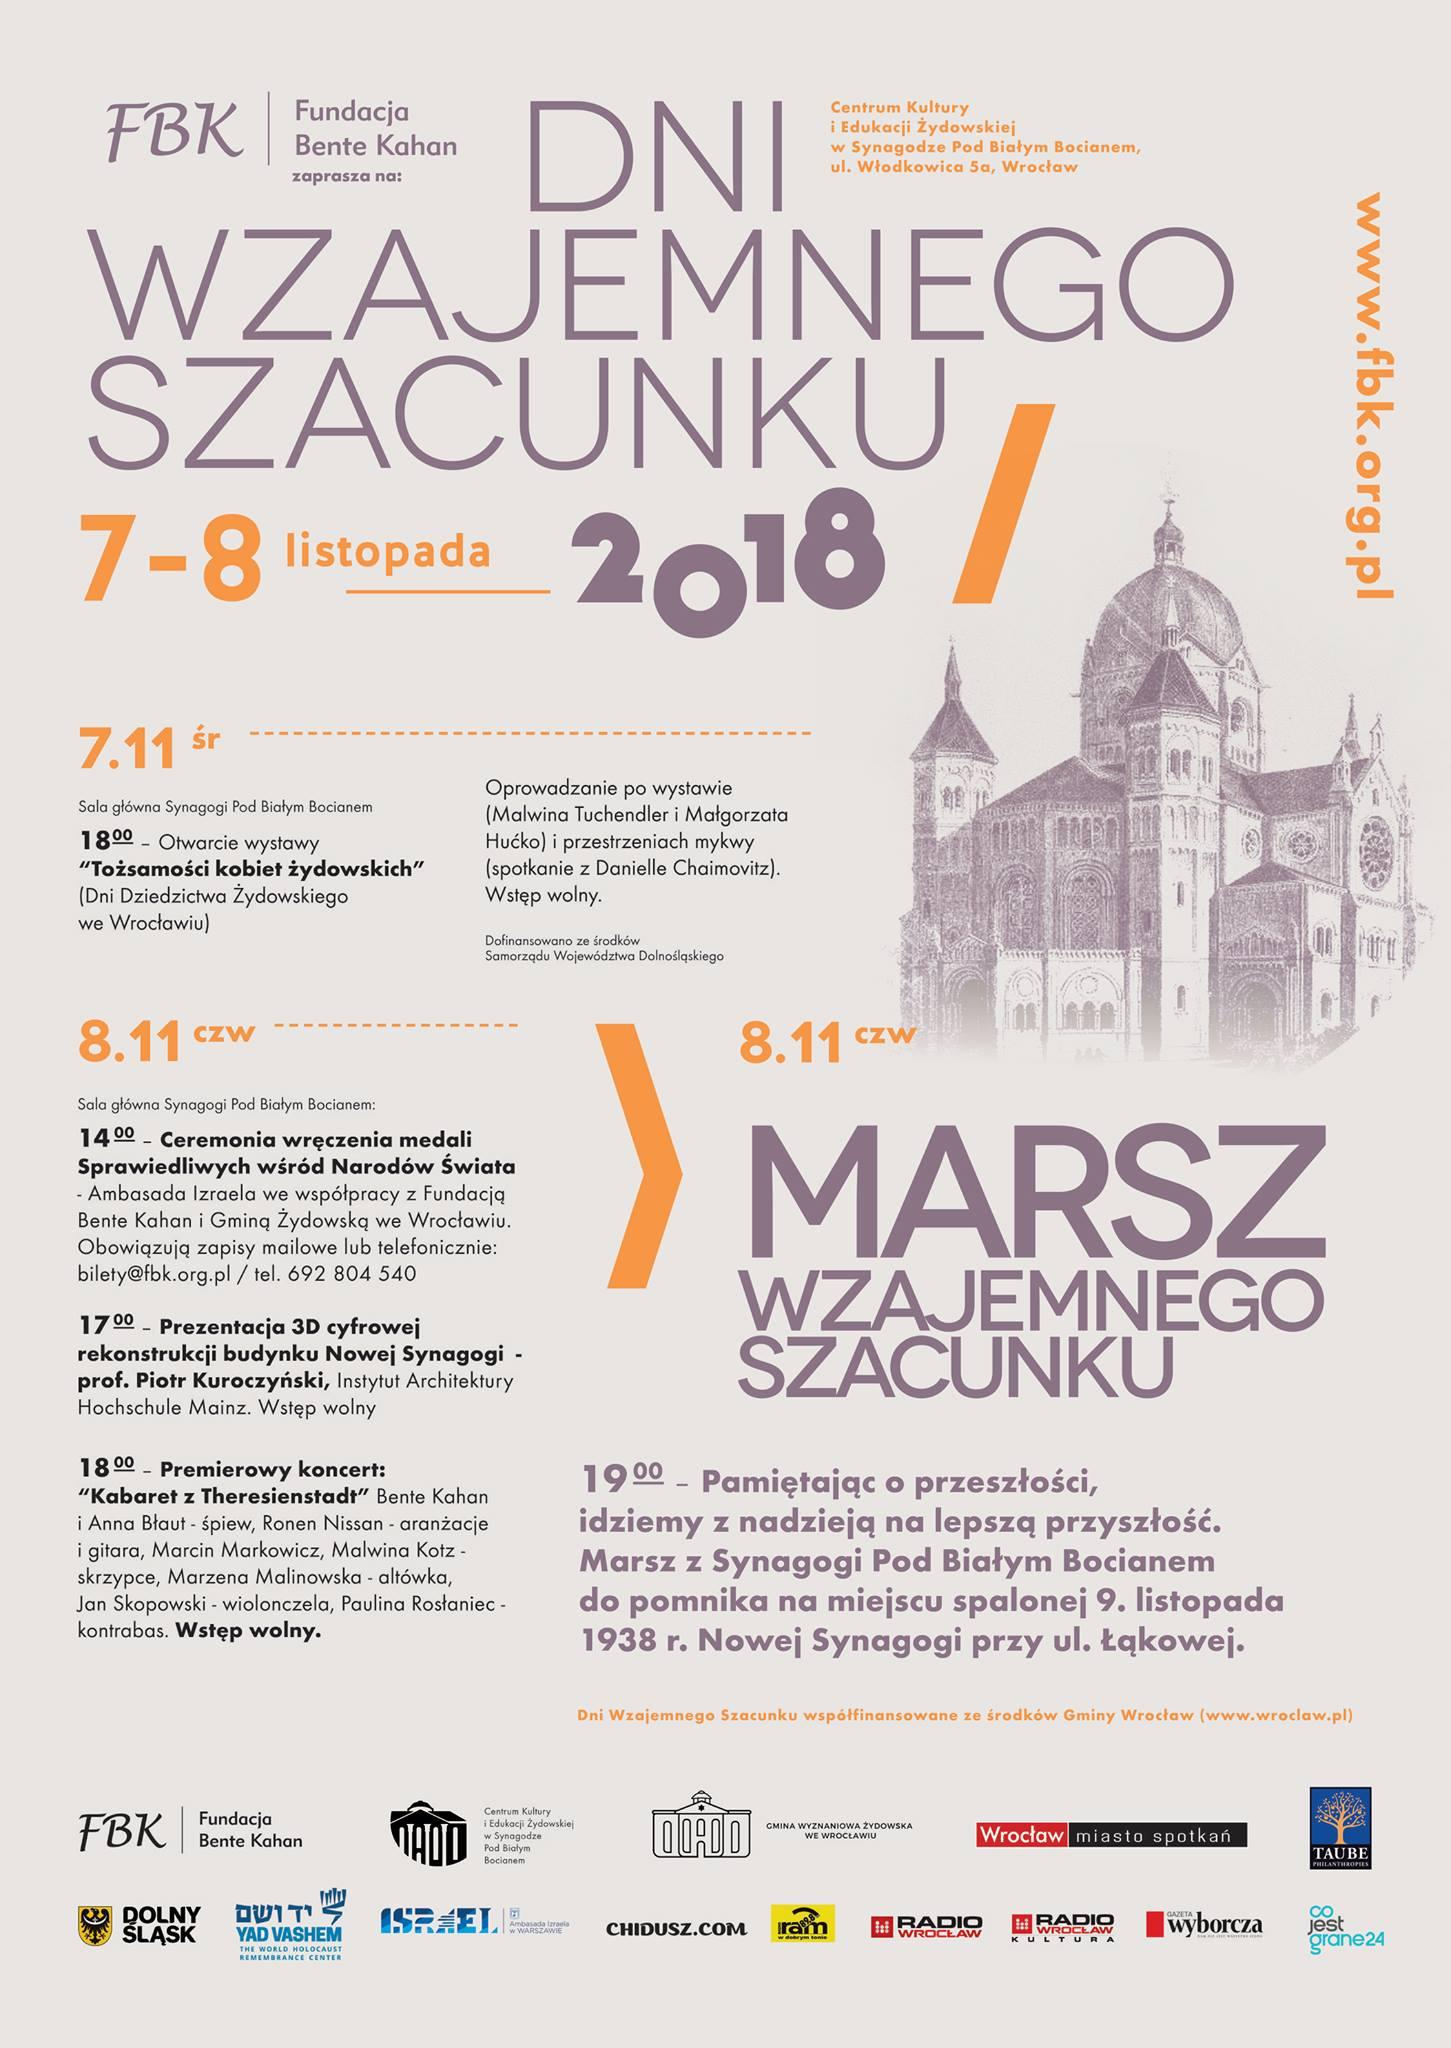 dni-wzajemnego-szacunku-2018-program-fundacja-bente-kahan-synagoga-pod-bialym-bocianem-wroclaw-nowa-synagoga-wroclaw-mykwa-remont-otwarcie-mykwy